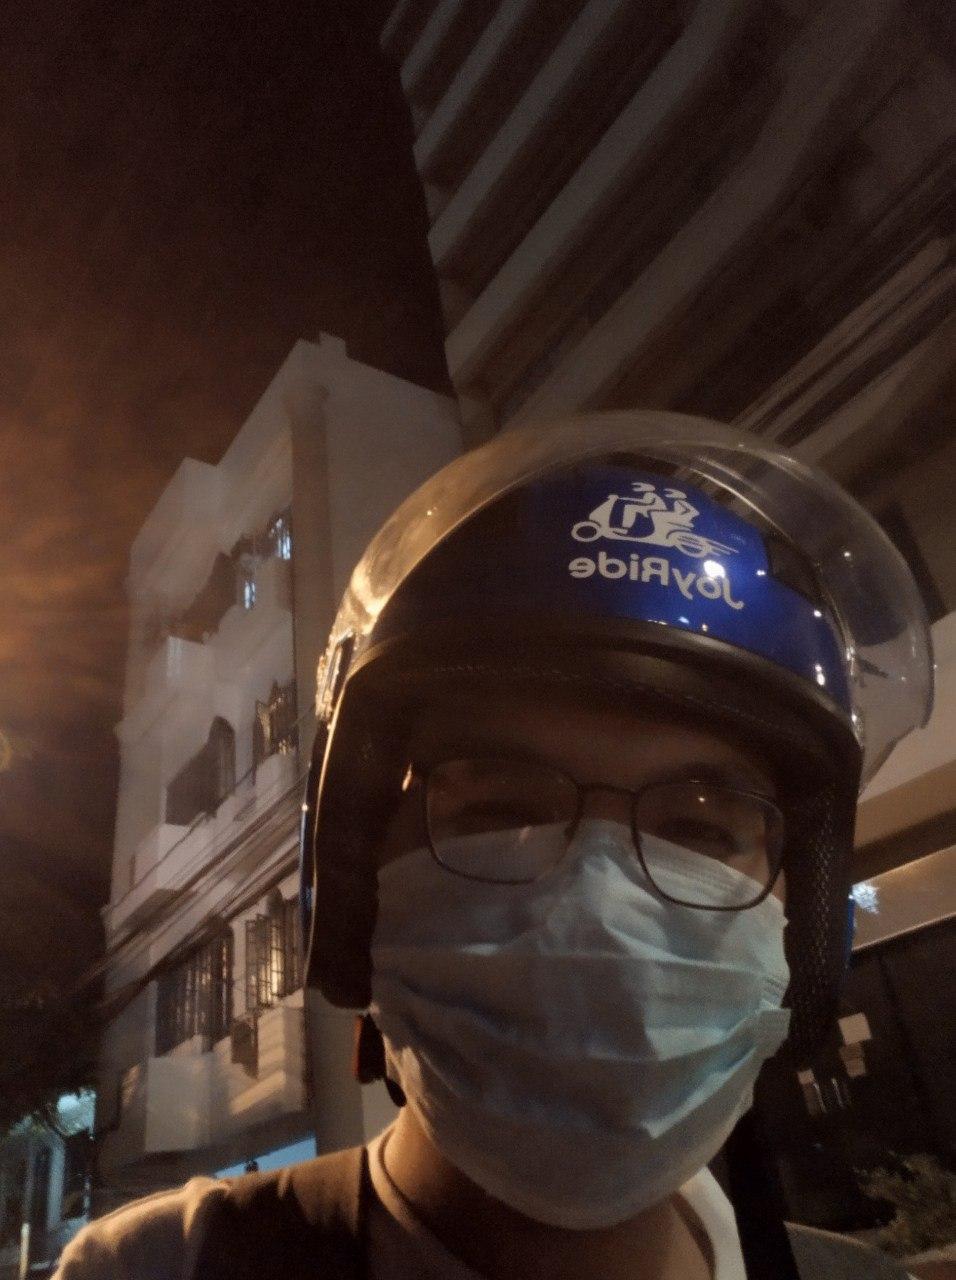 JoyRide helmet